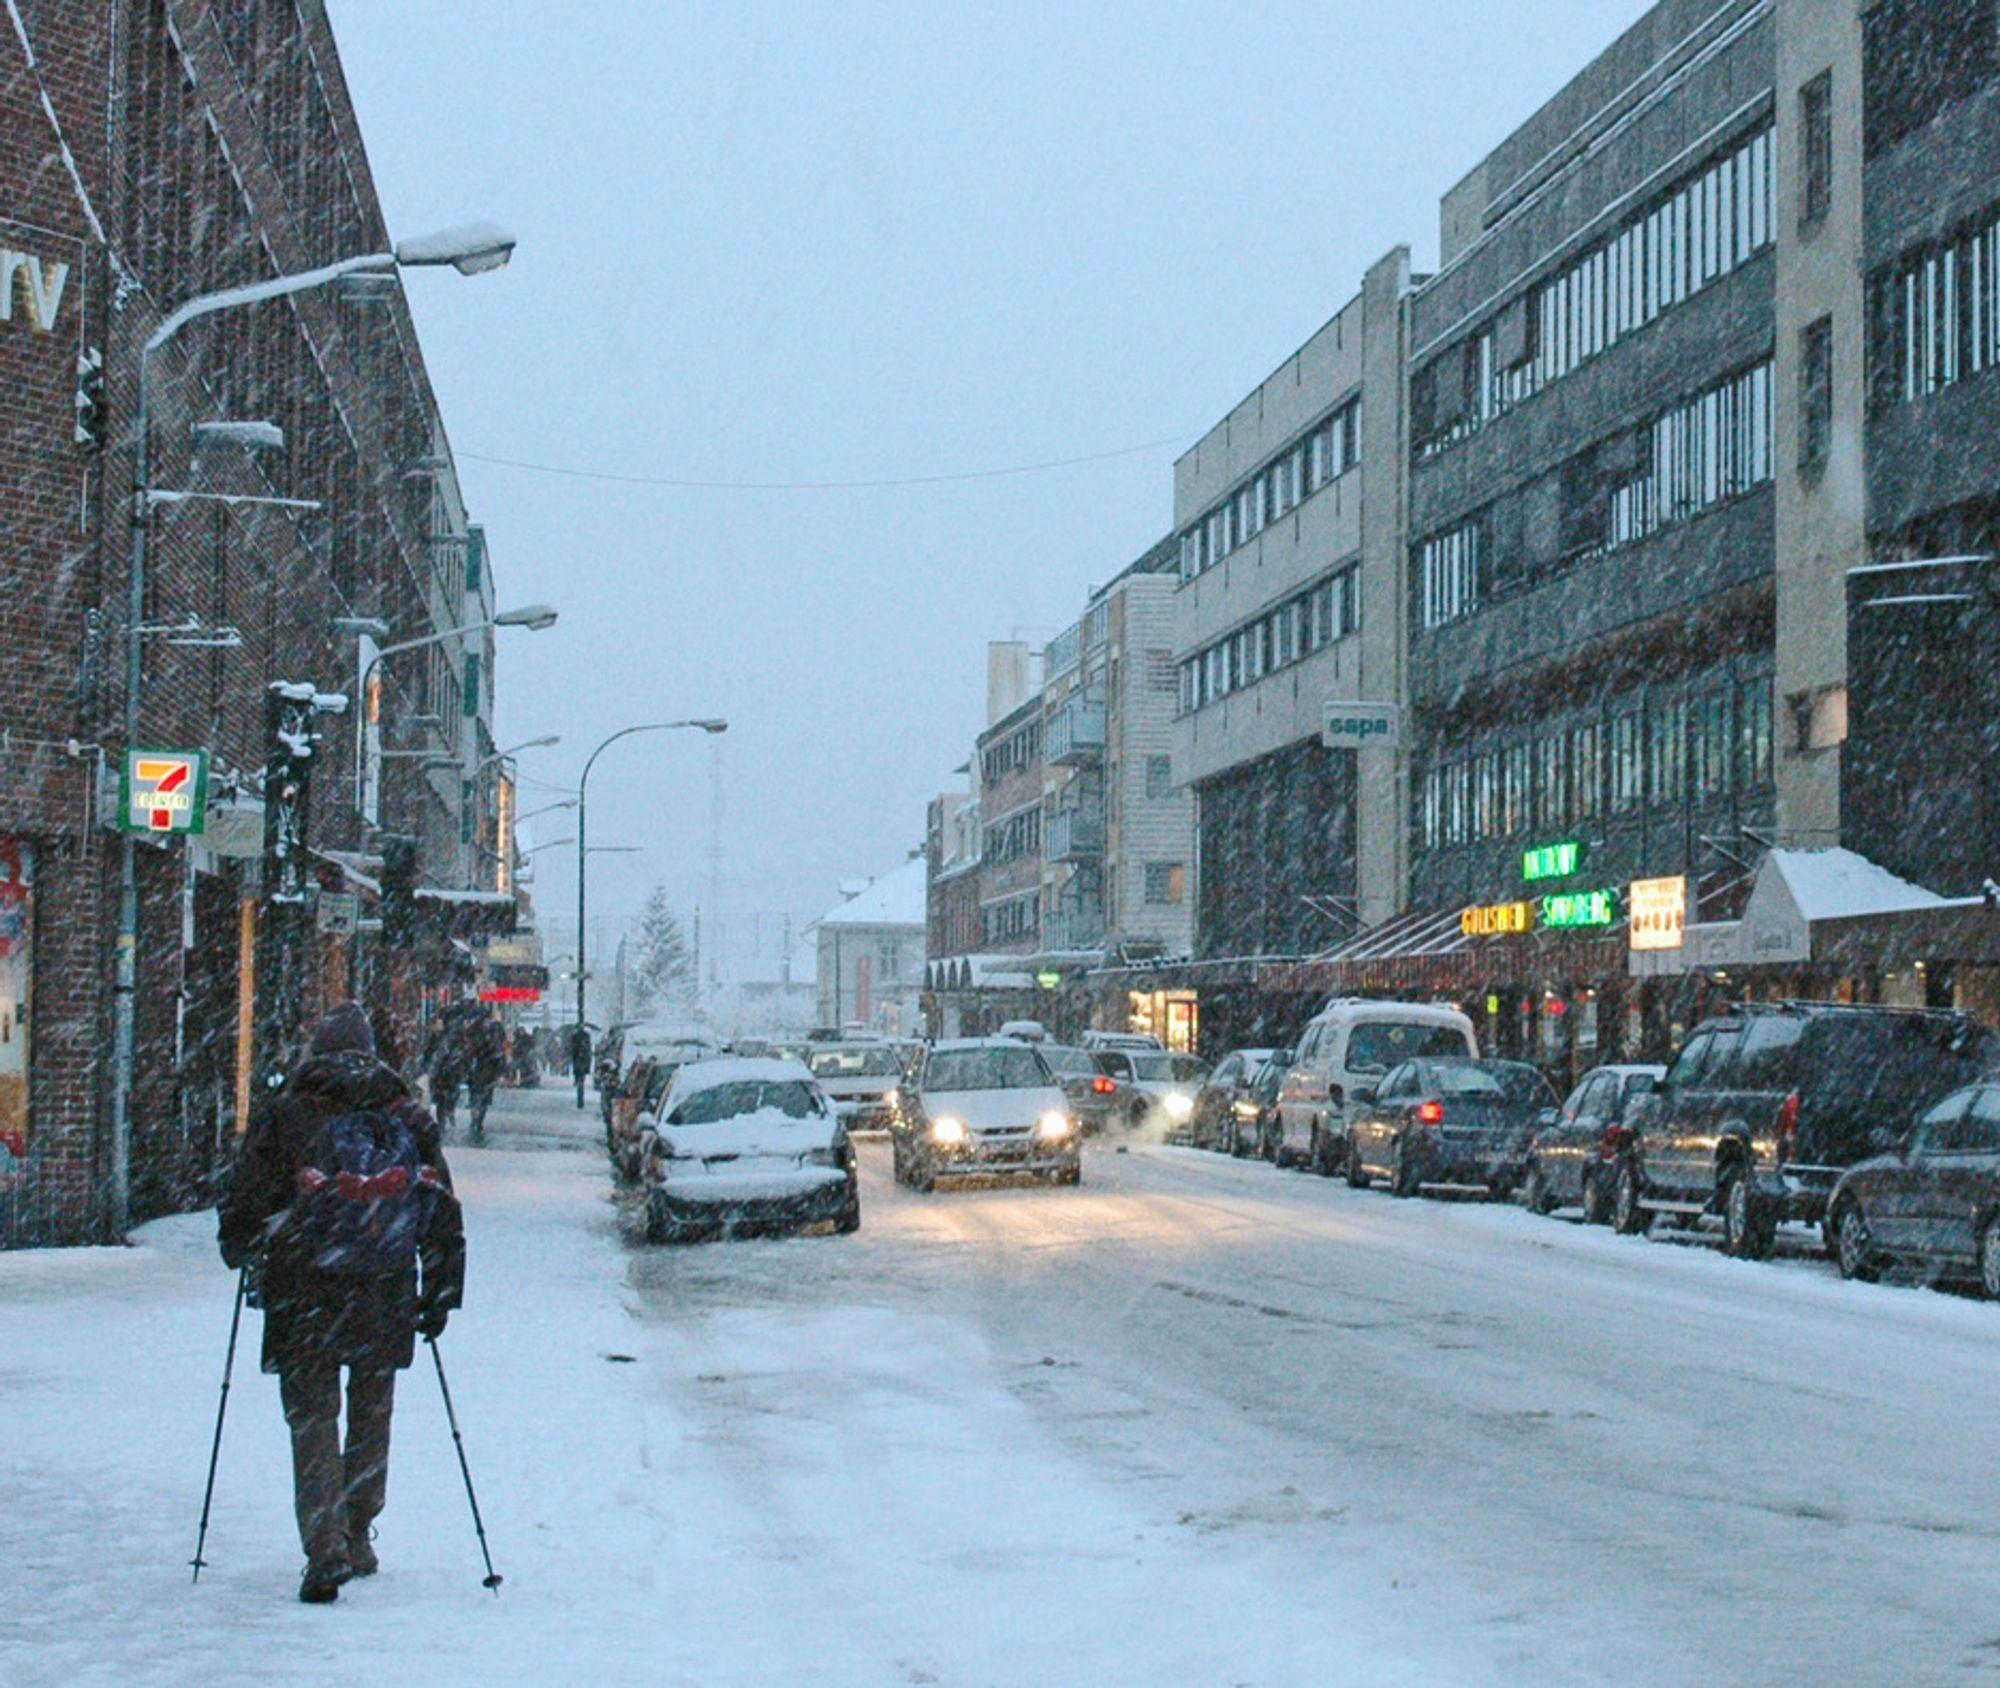 Storgata i Lillestrøm er ikke spesielt innbydende for fotgjengere, spesielt ikke når den er dekket med våt snø. Før vinteren 2009/10 setter inn, har forholdene blitt betraktelig bedre.